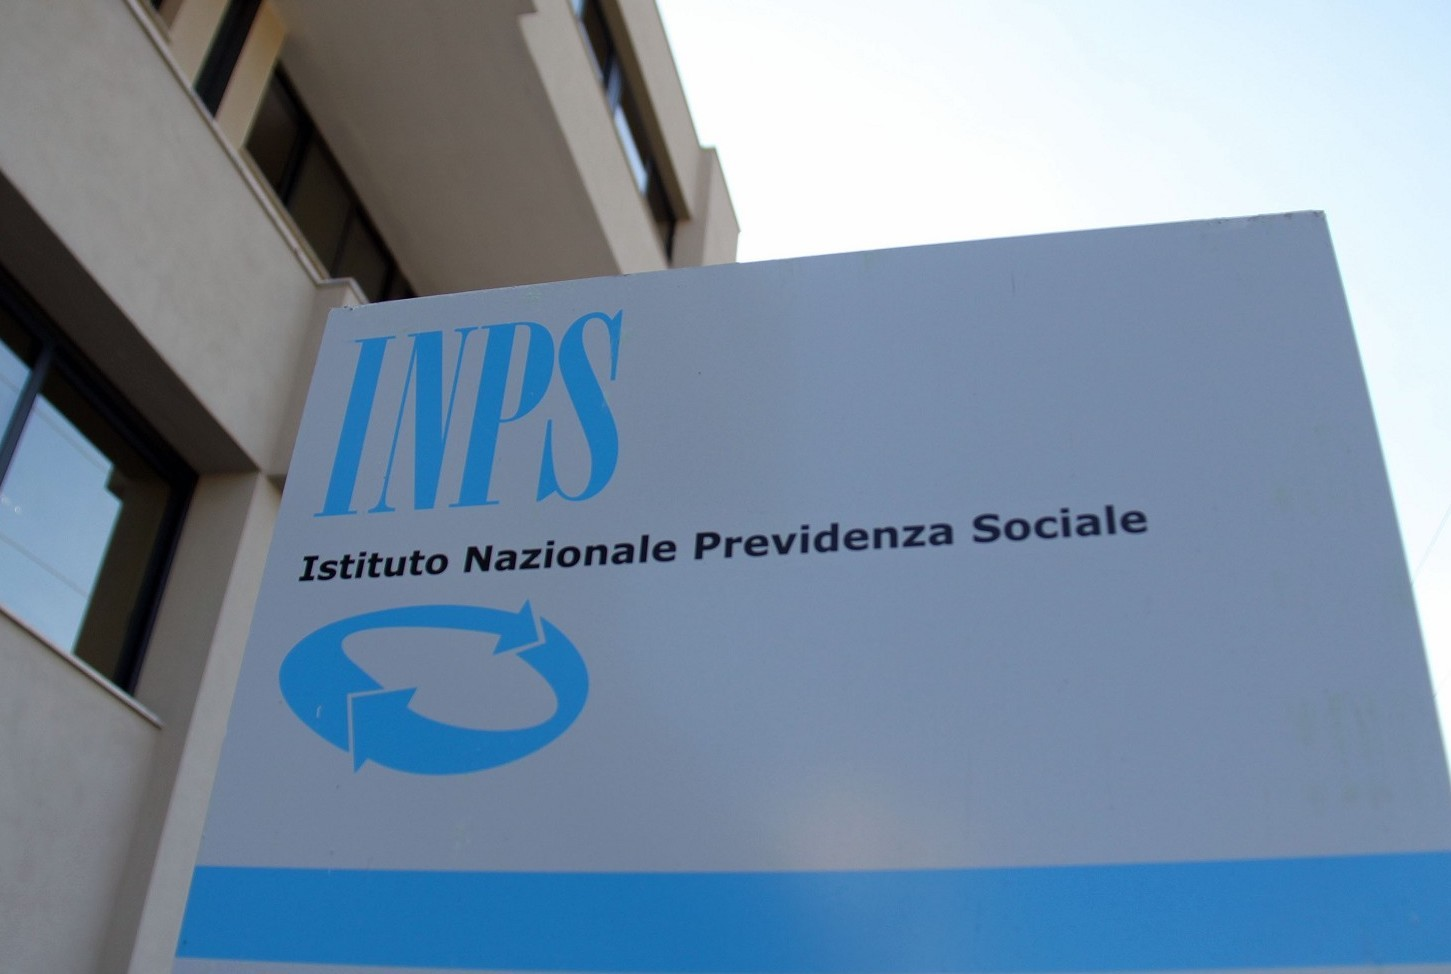 Pensioni 2020, date di pagamento INPS. Calendario ufficiale